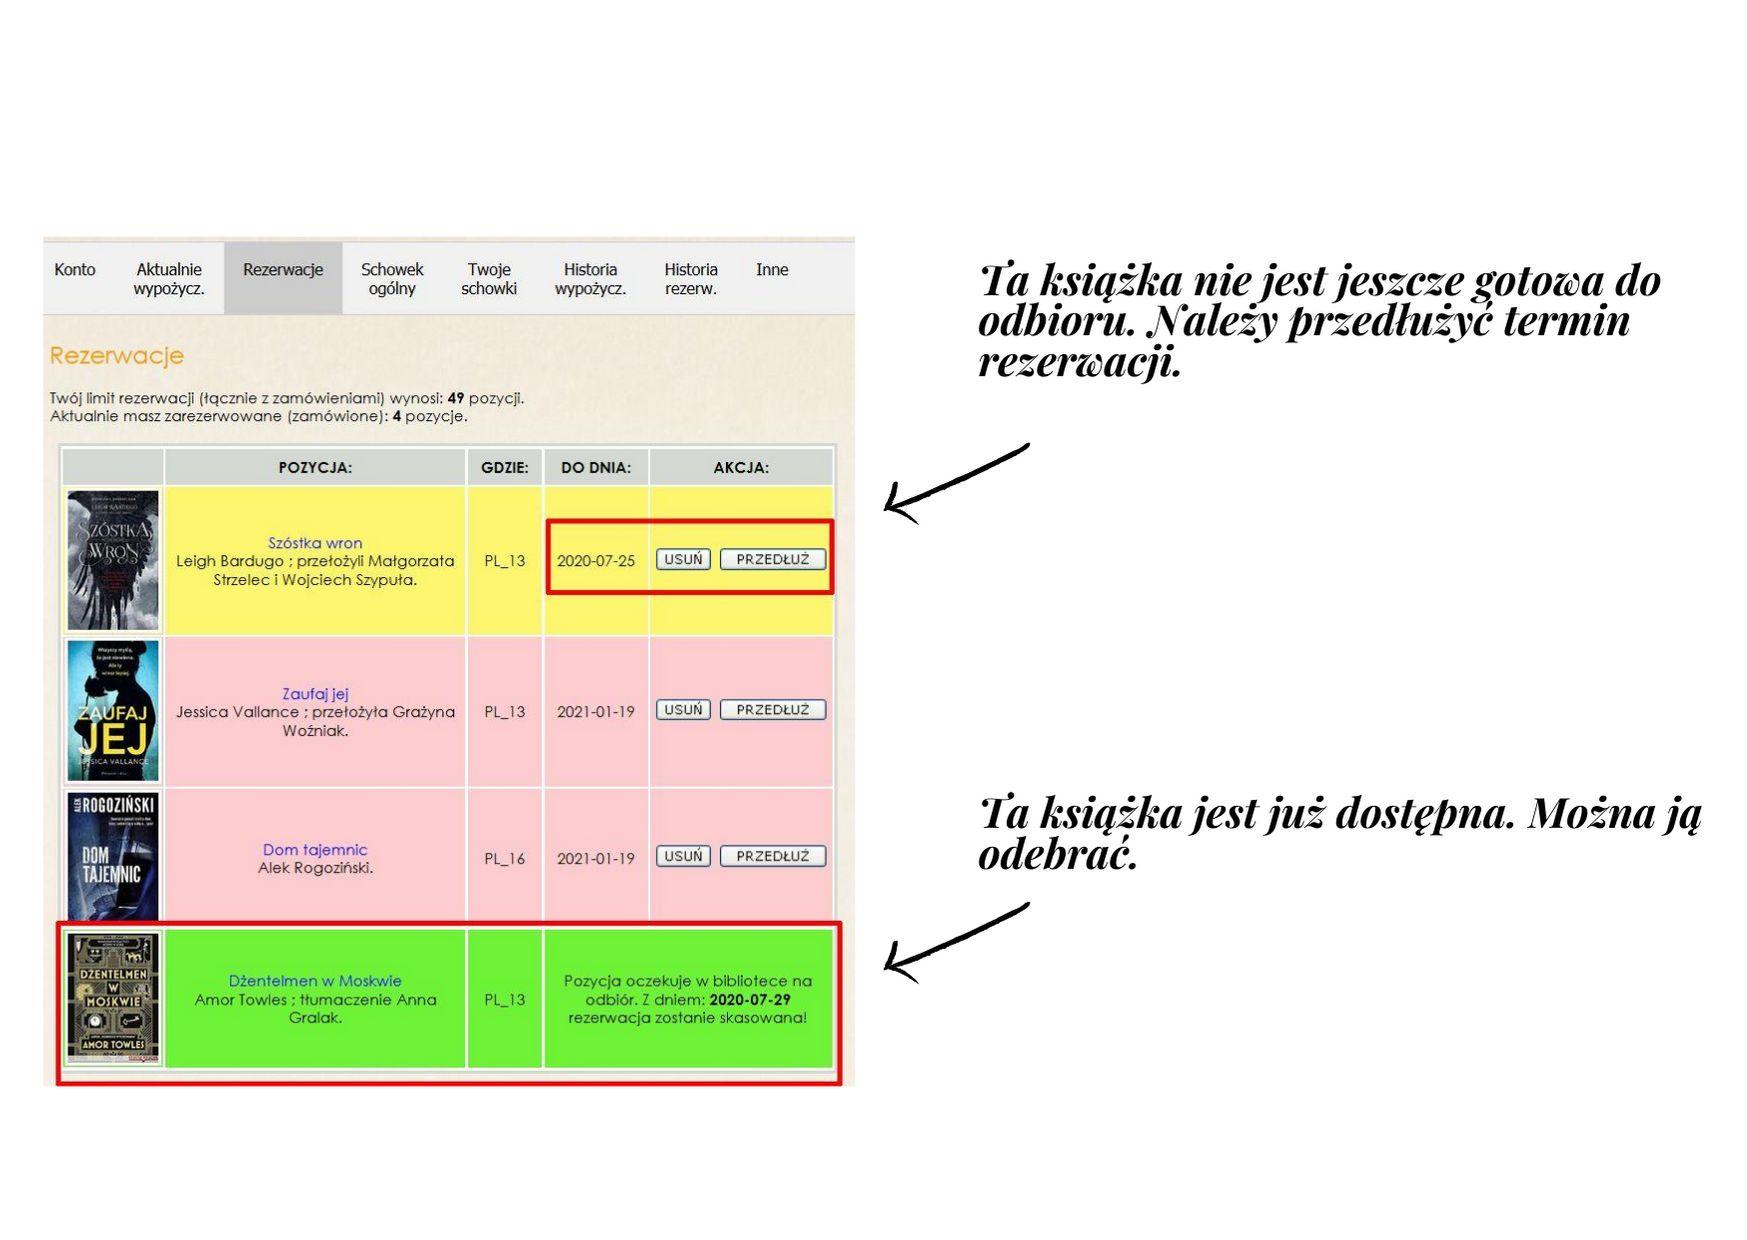 rezerwacje – książka do odbioru oraz przedłużenia rezerwacji – lista zarezerwowanych przez czytelnika książek z zaznaczonymi dwoma książkami – jedna gotowa do odbioru a druga z kończącym się czasem rezerwacji